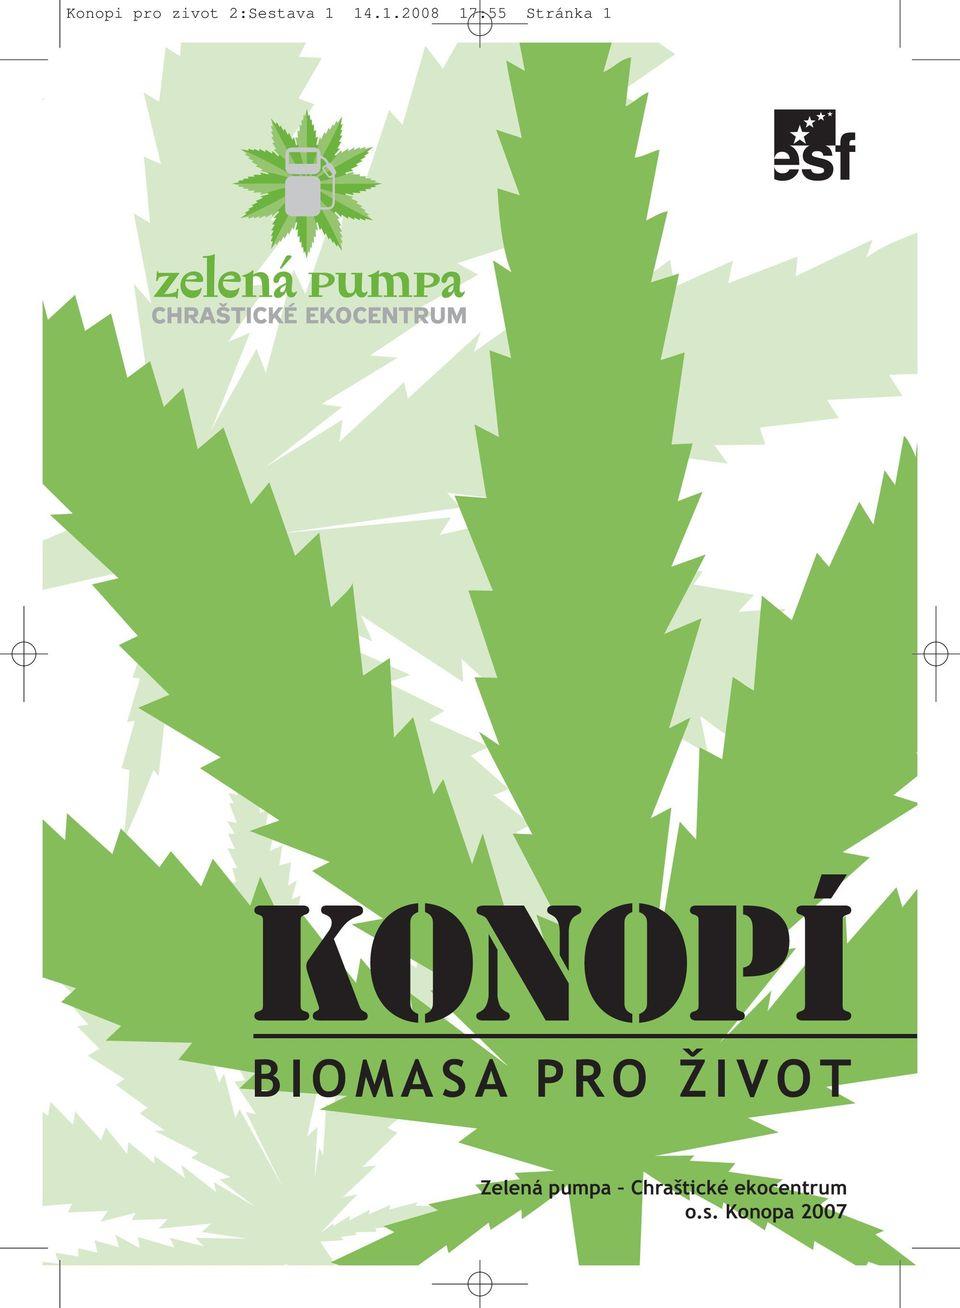 Konopí: Biomasa pro život - Uvažujete o pěstování konopí a nevíte jak a proč? Užitečná publikace pro Vás ke stažení zde.